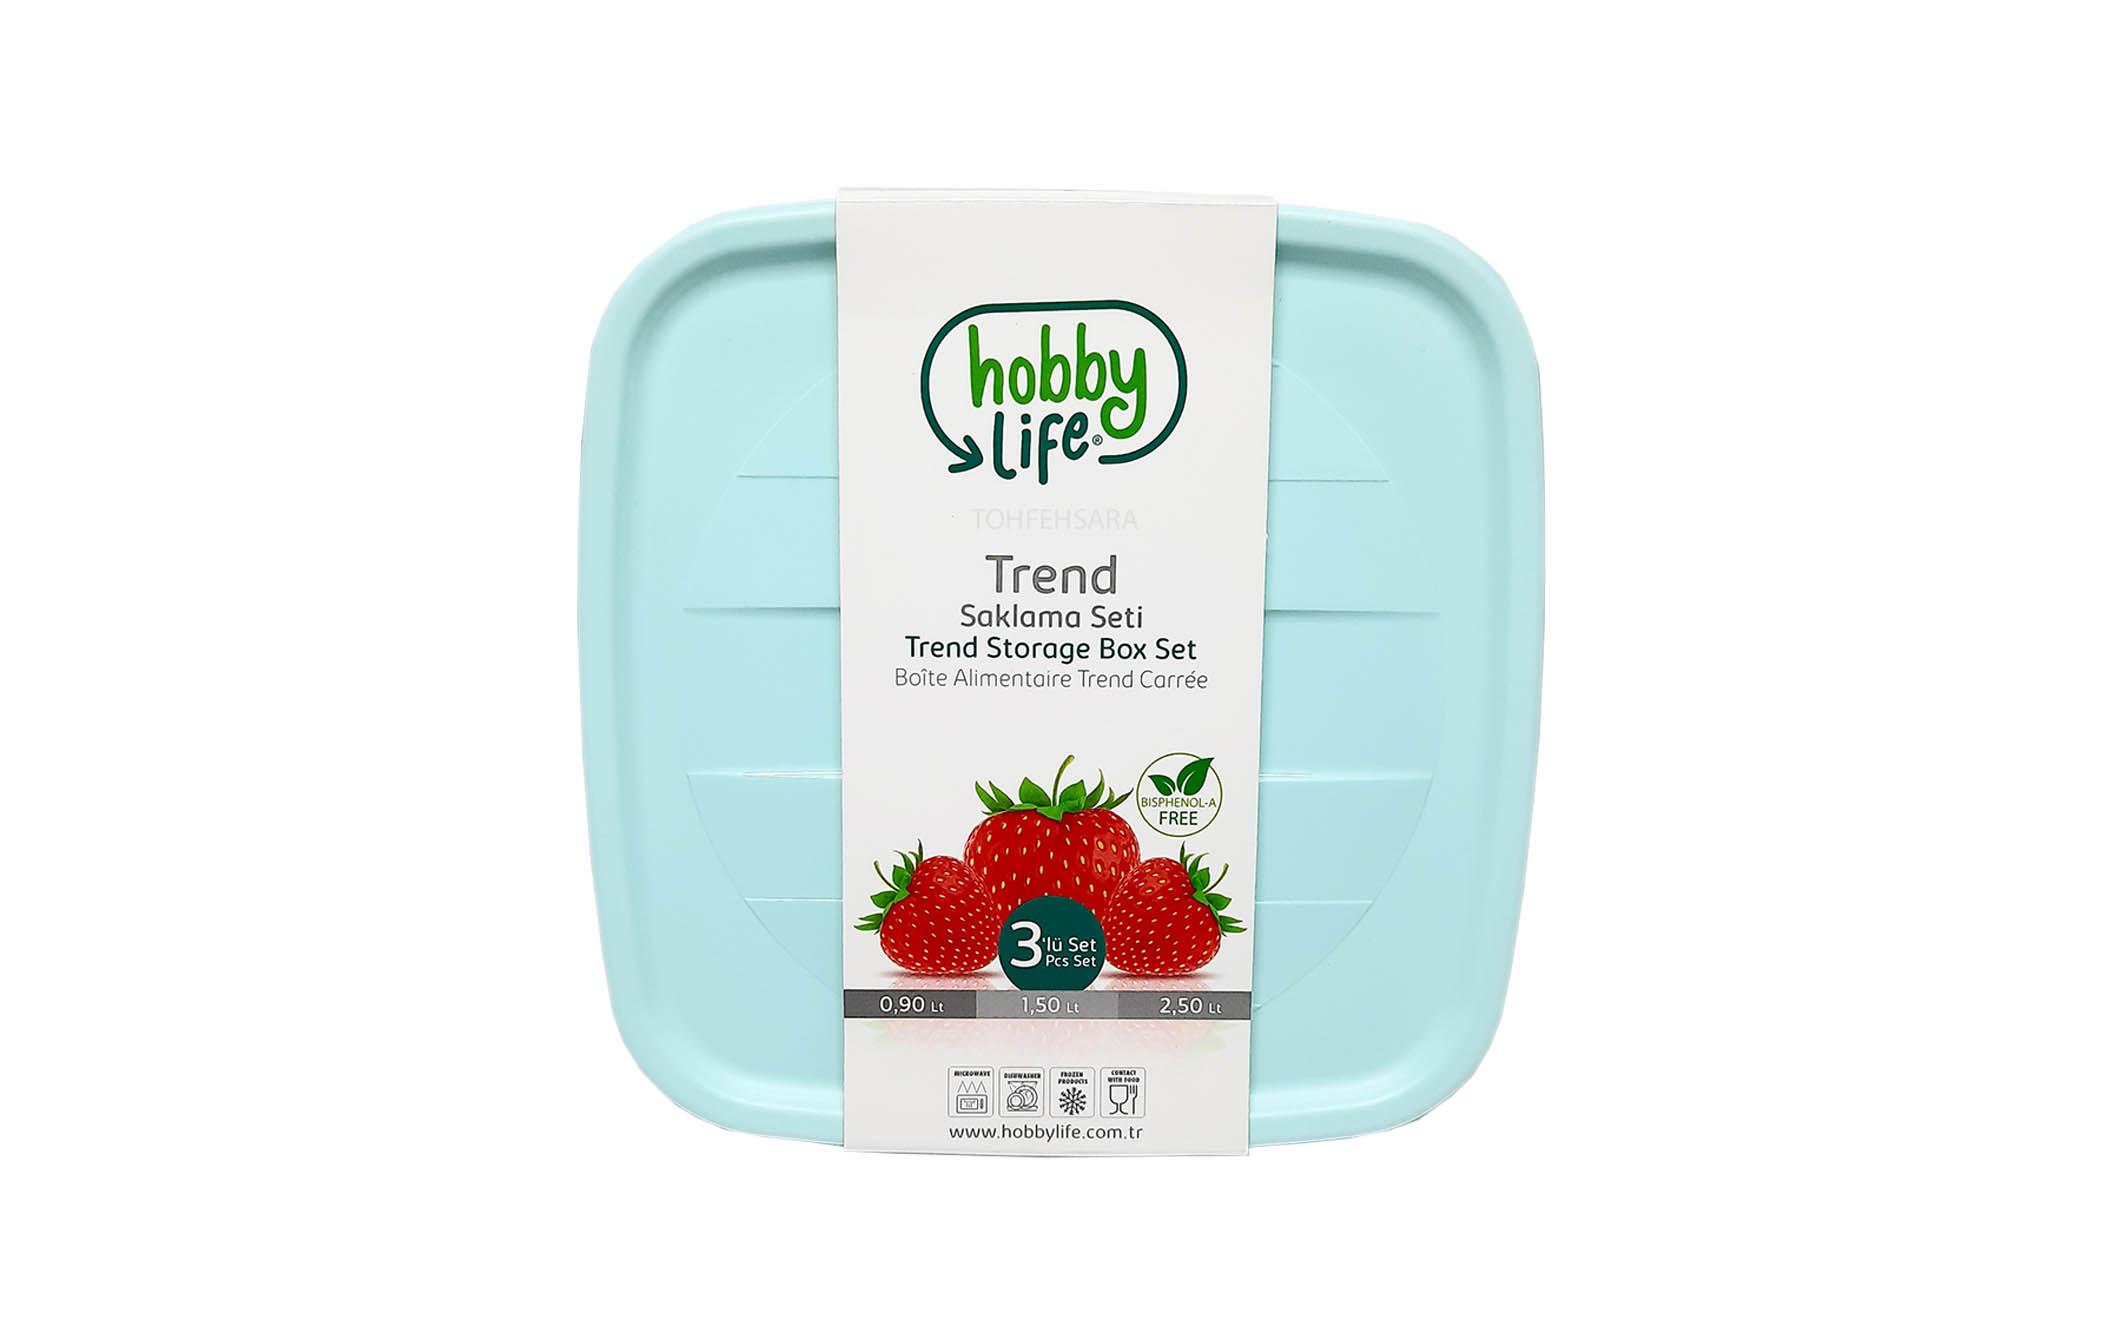 ظروف نگهدارنده مربع ۳ تایی هوبی لایف ۱۰۳۶